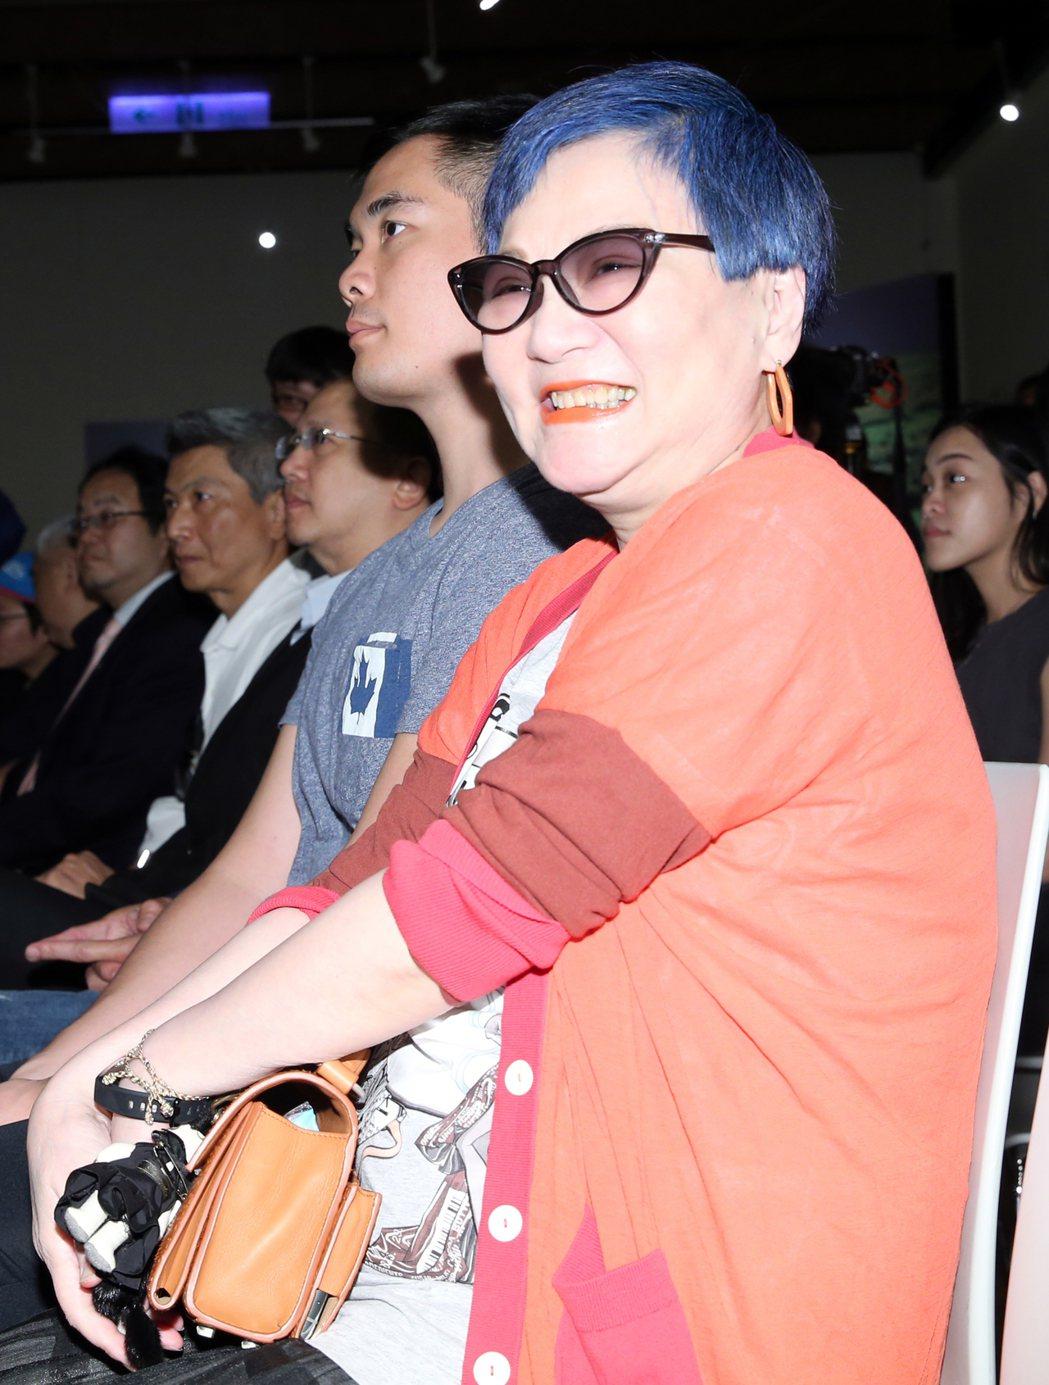 綜藝教母張小燕(圖)出席「錦繡山河,少數民族風情」攝影展,她被媒體記者包圍,不願